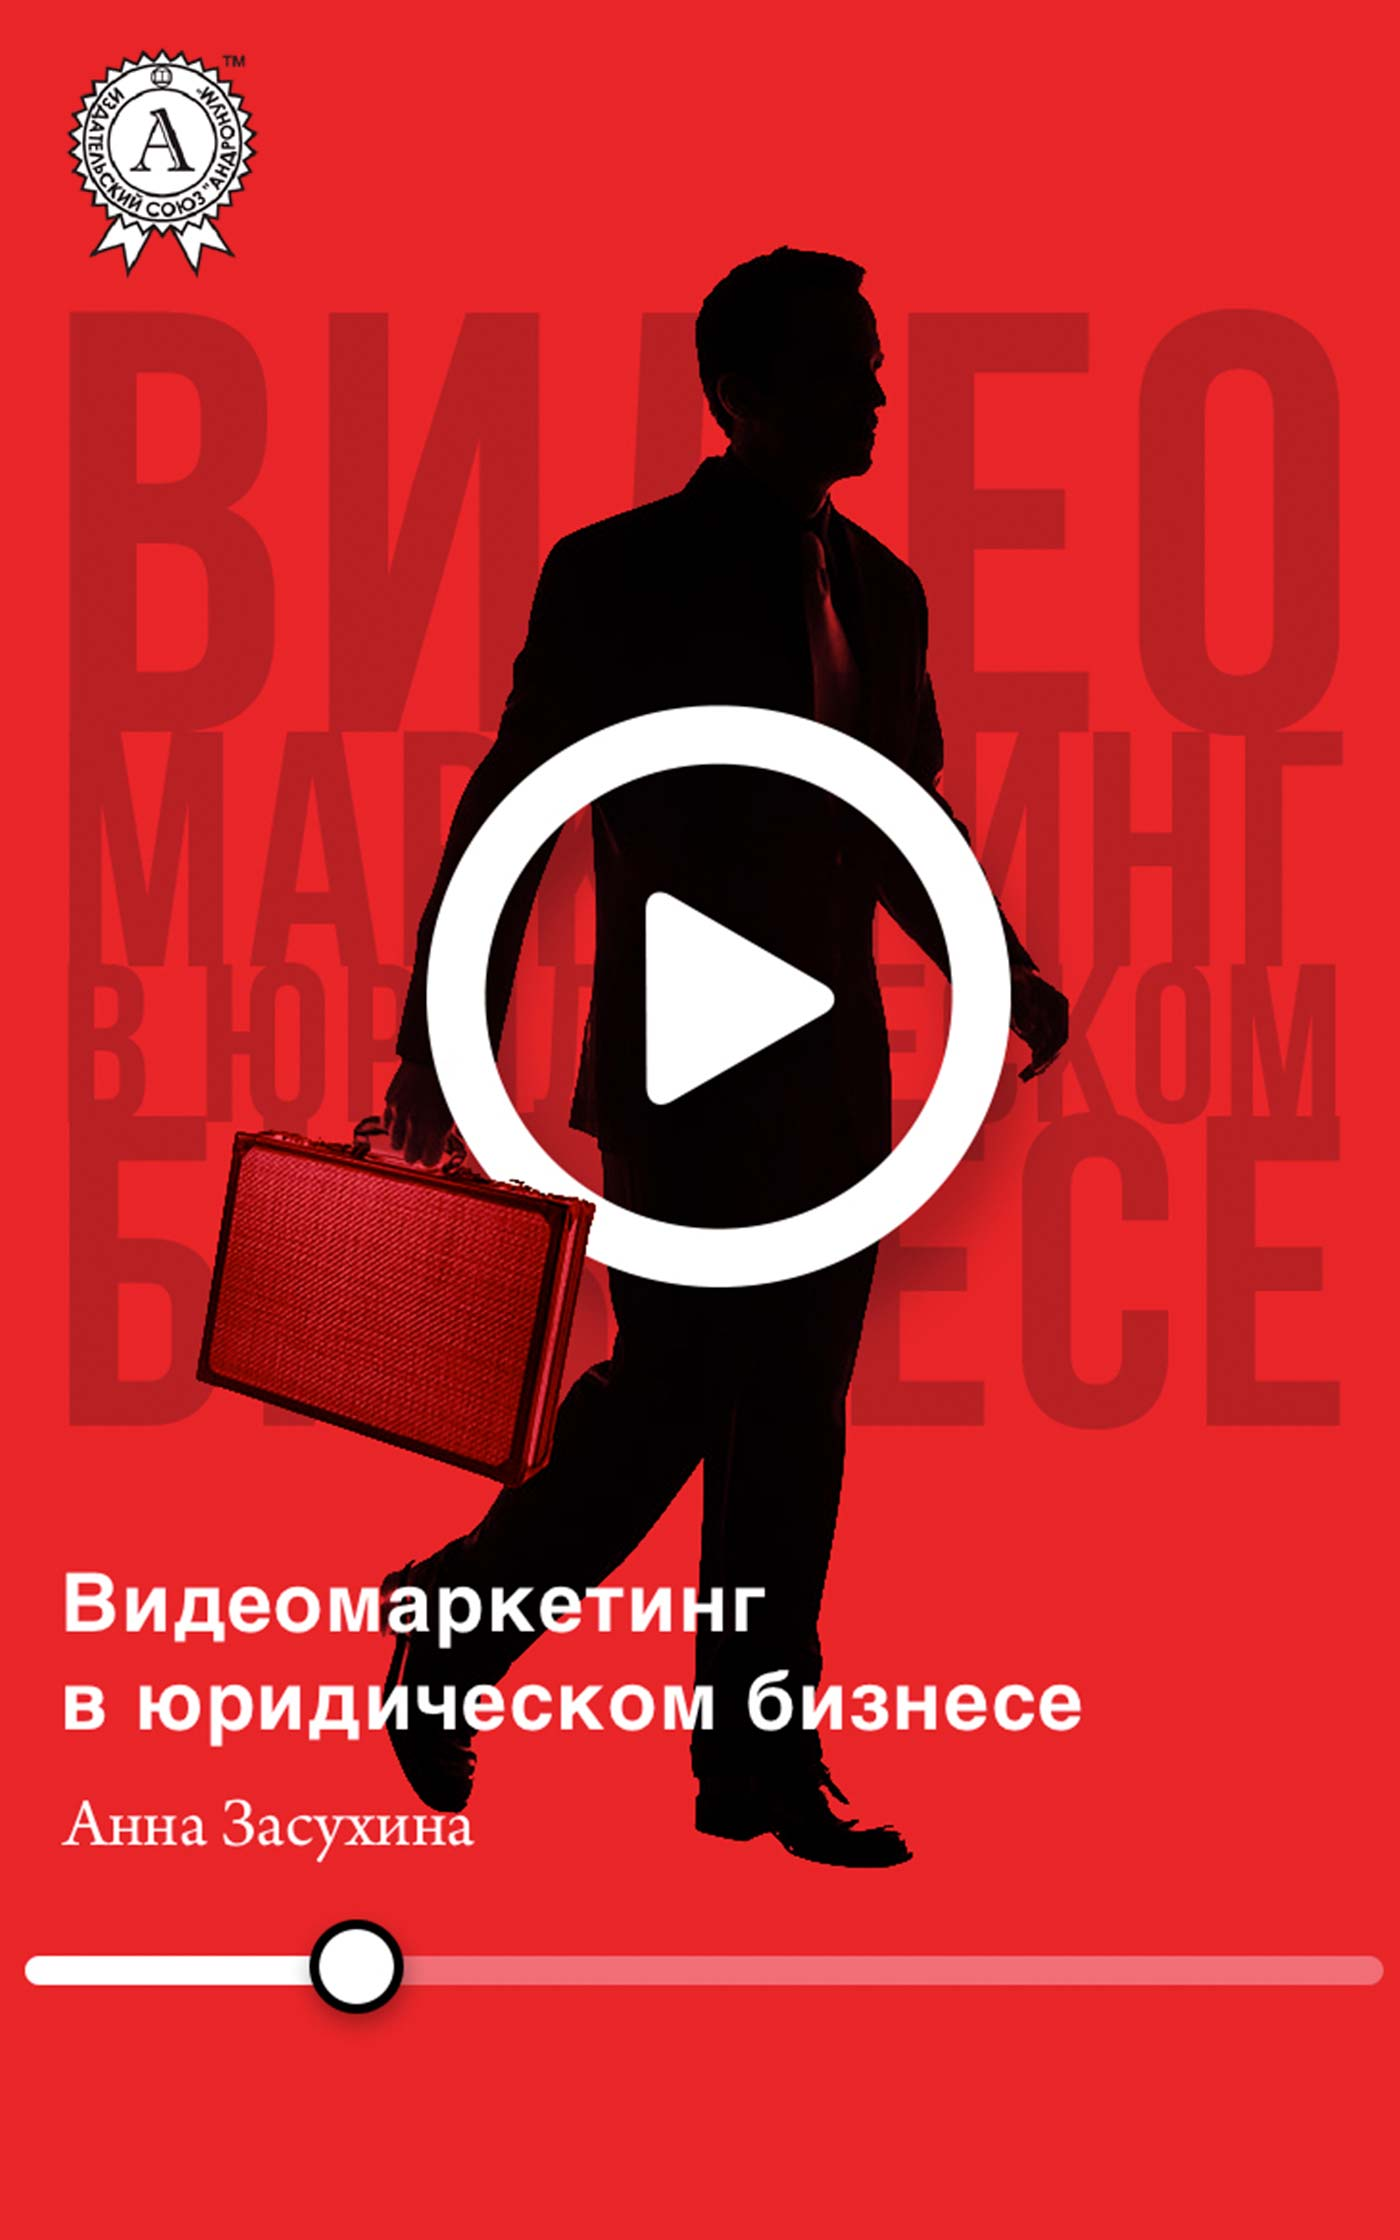 Дмитрий Засухин Видеомаркетинг в юридическом бизнесе дмитрий засухин как сделать юридический сайт продающим